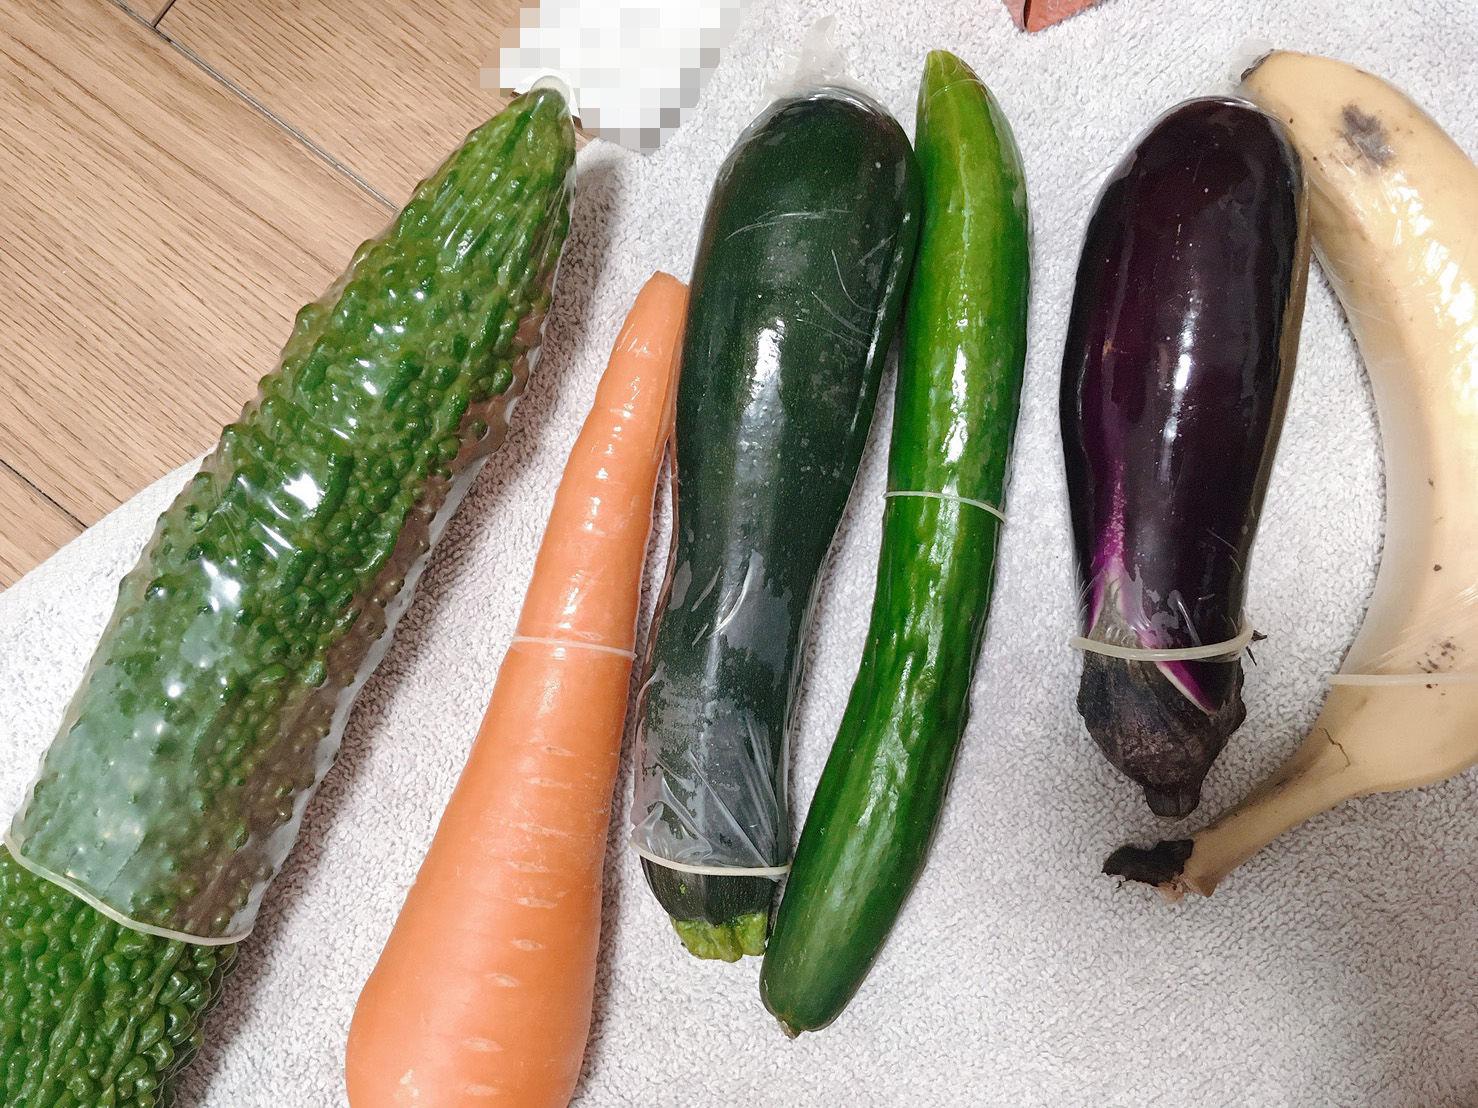 オトナの野菜生活!Gスポットに当たって潮吹き大事故!お野菜たっぷりツユだく!おま●こマイク!【バイノーラル、実演音声、ASMR、フォーリーサウンド】